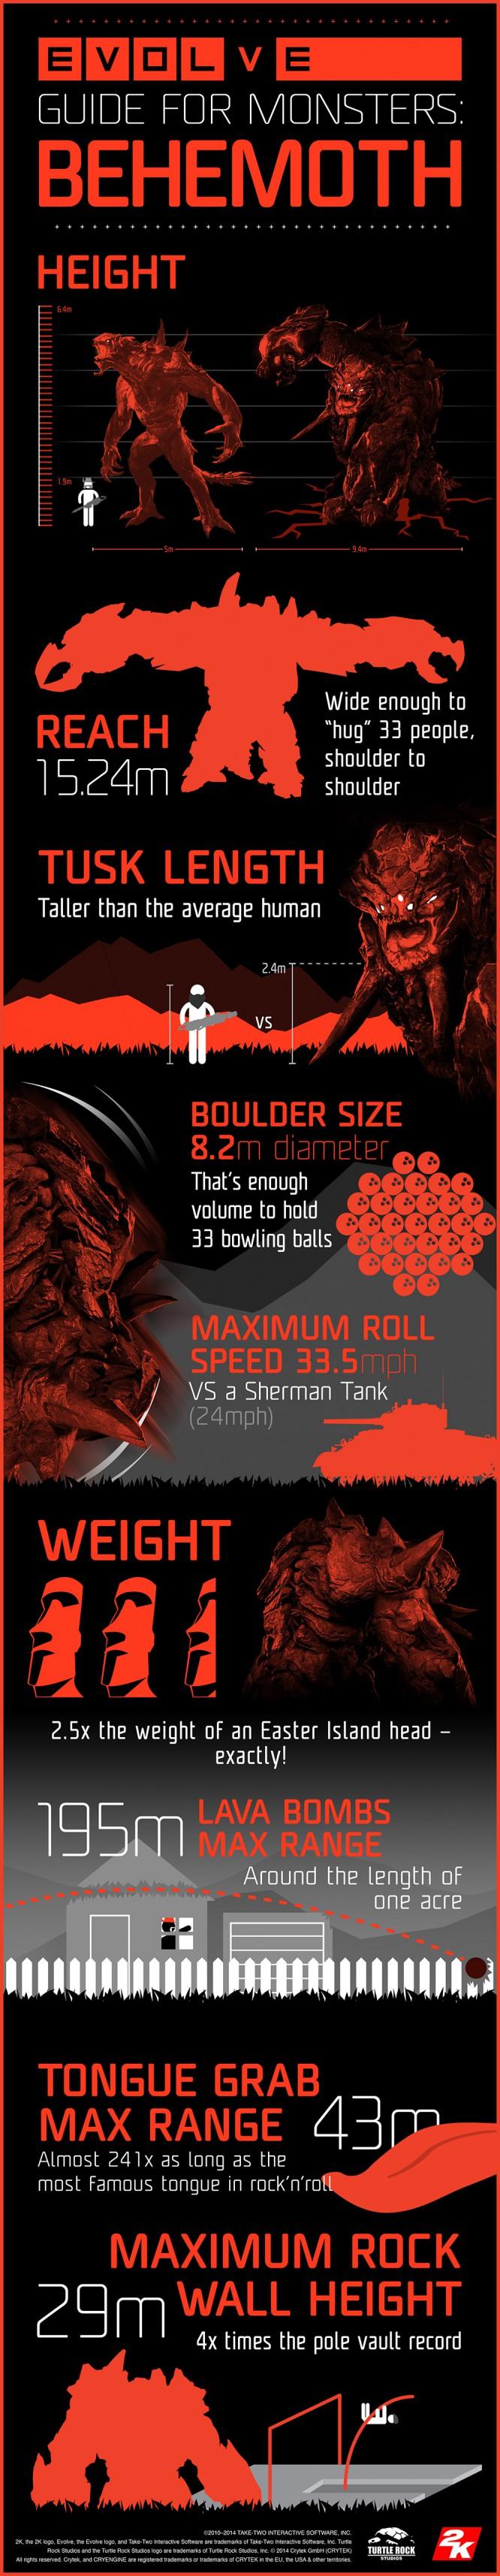 behemoth_info